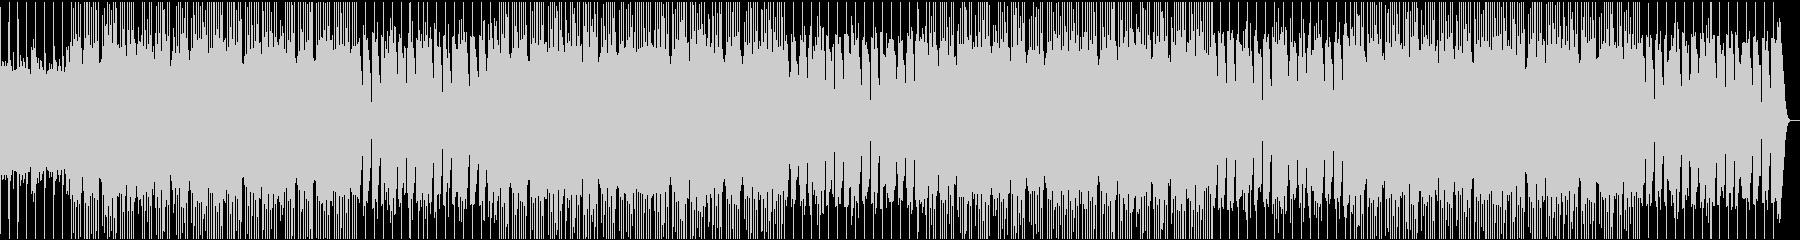 インディーロック ポップロック 積...の未再生の波形